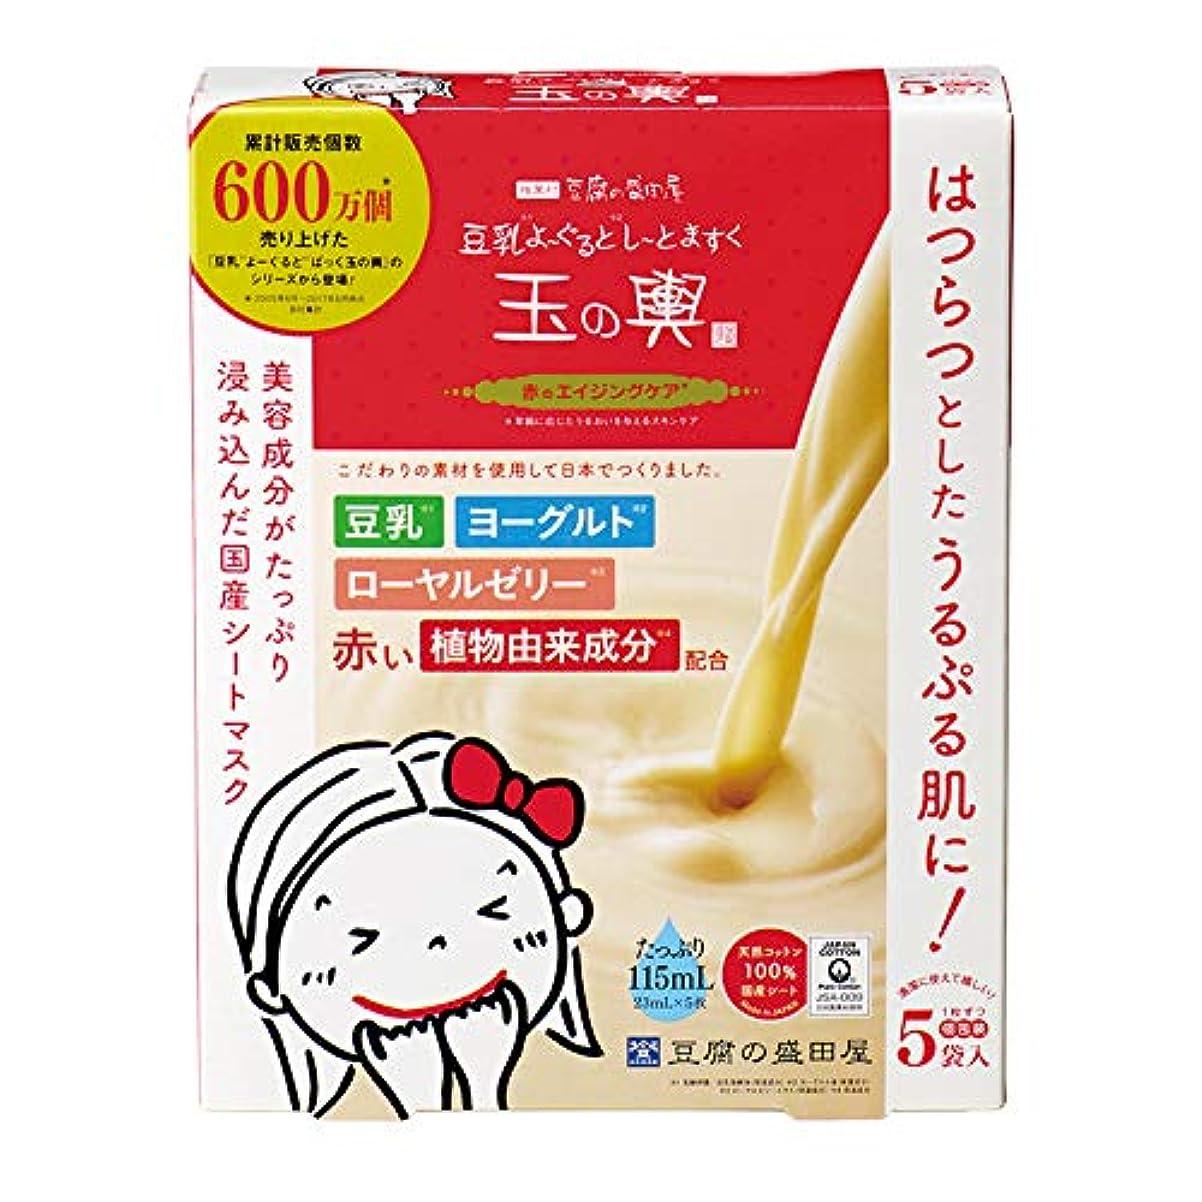 ずらす例外スキーム豆腐の盛田屋 豆乳よーぐるとしーとますく 玉の輿〈赤のエイジングケア〉23mL×5枚